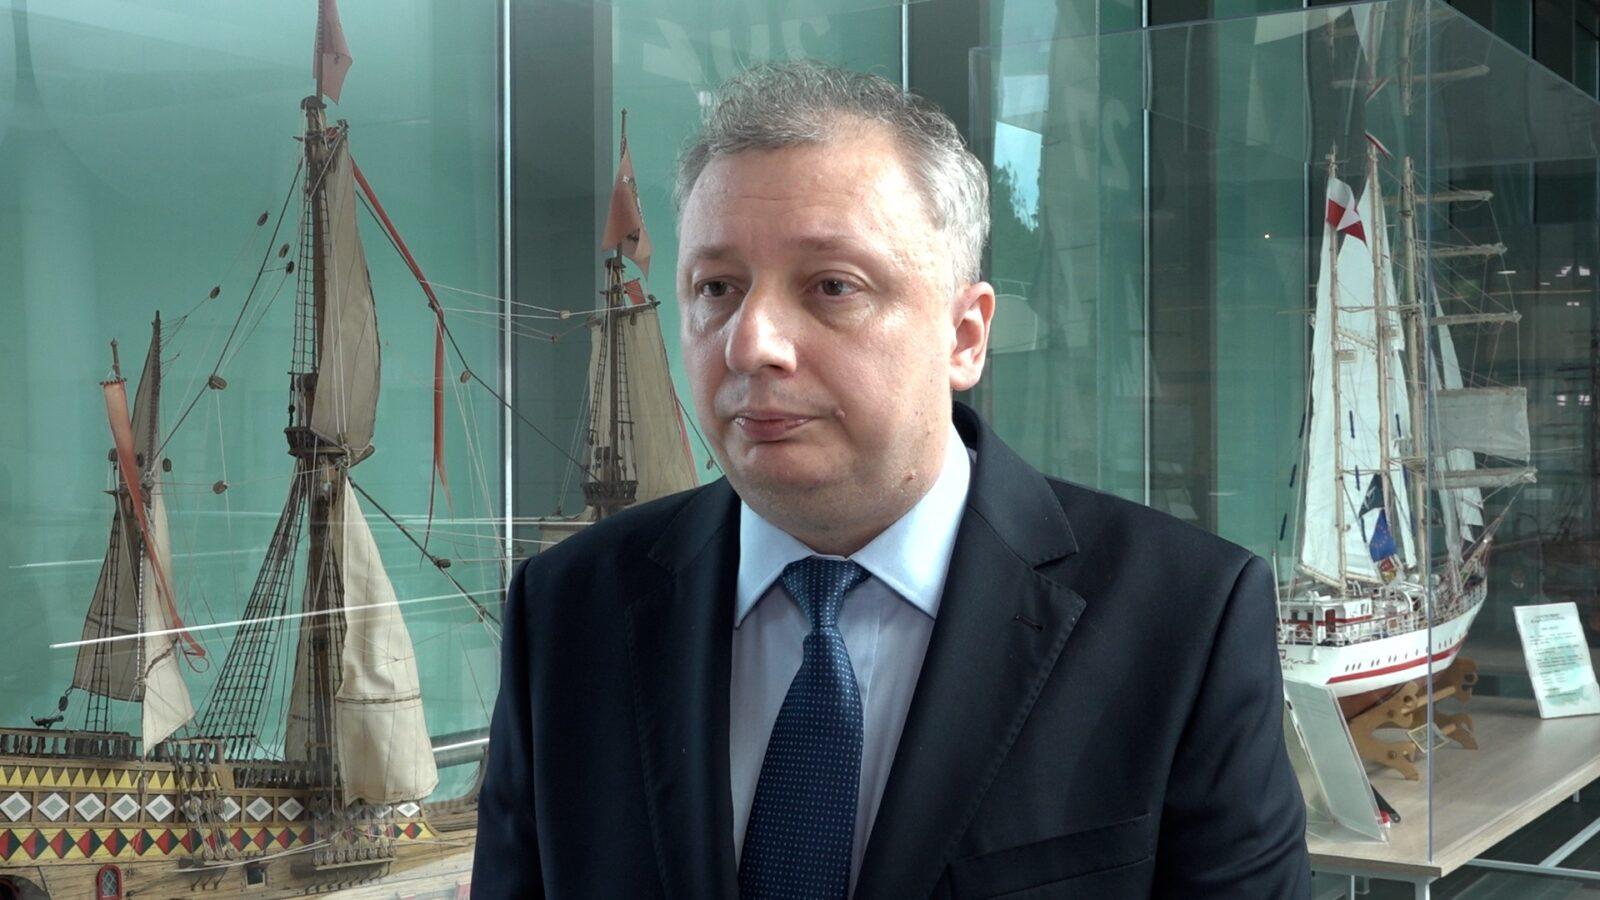 Ministerstwo Finansów pracuje nad nowymi rozwiązaniami dla samorządów. Mają rekompensować ubytki spowodowane Polskim Ładem